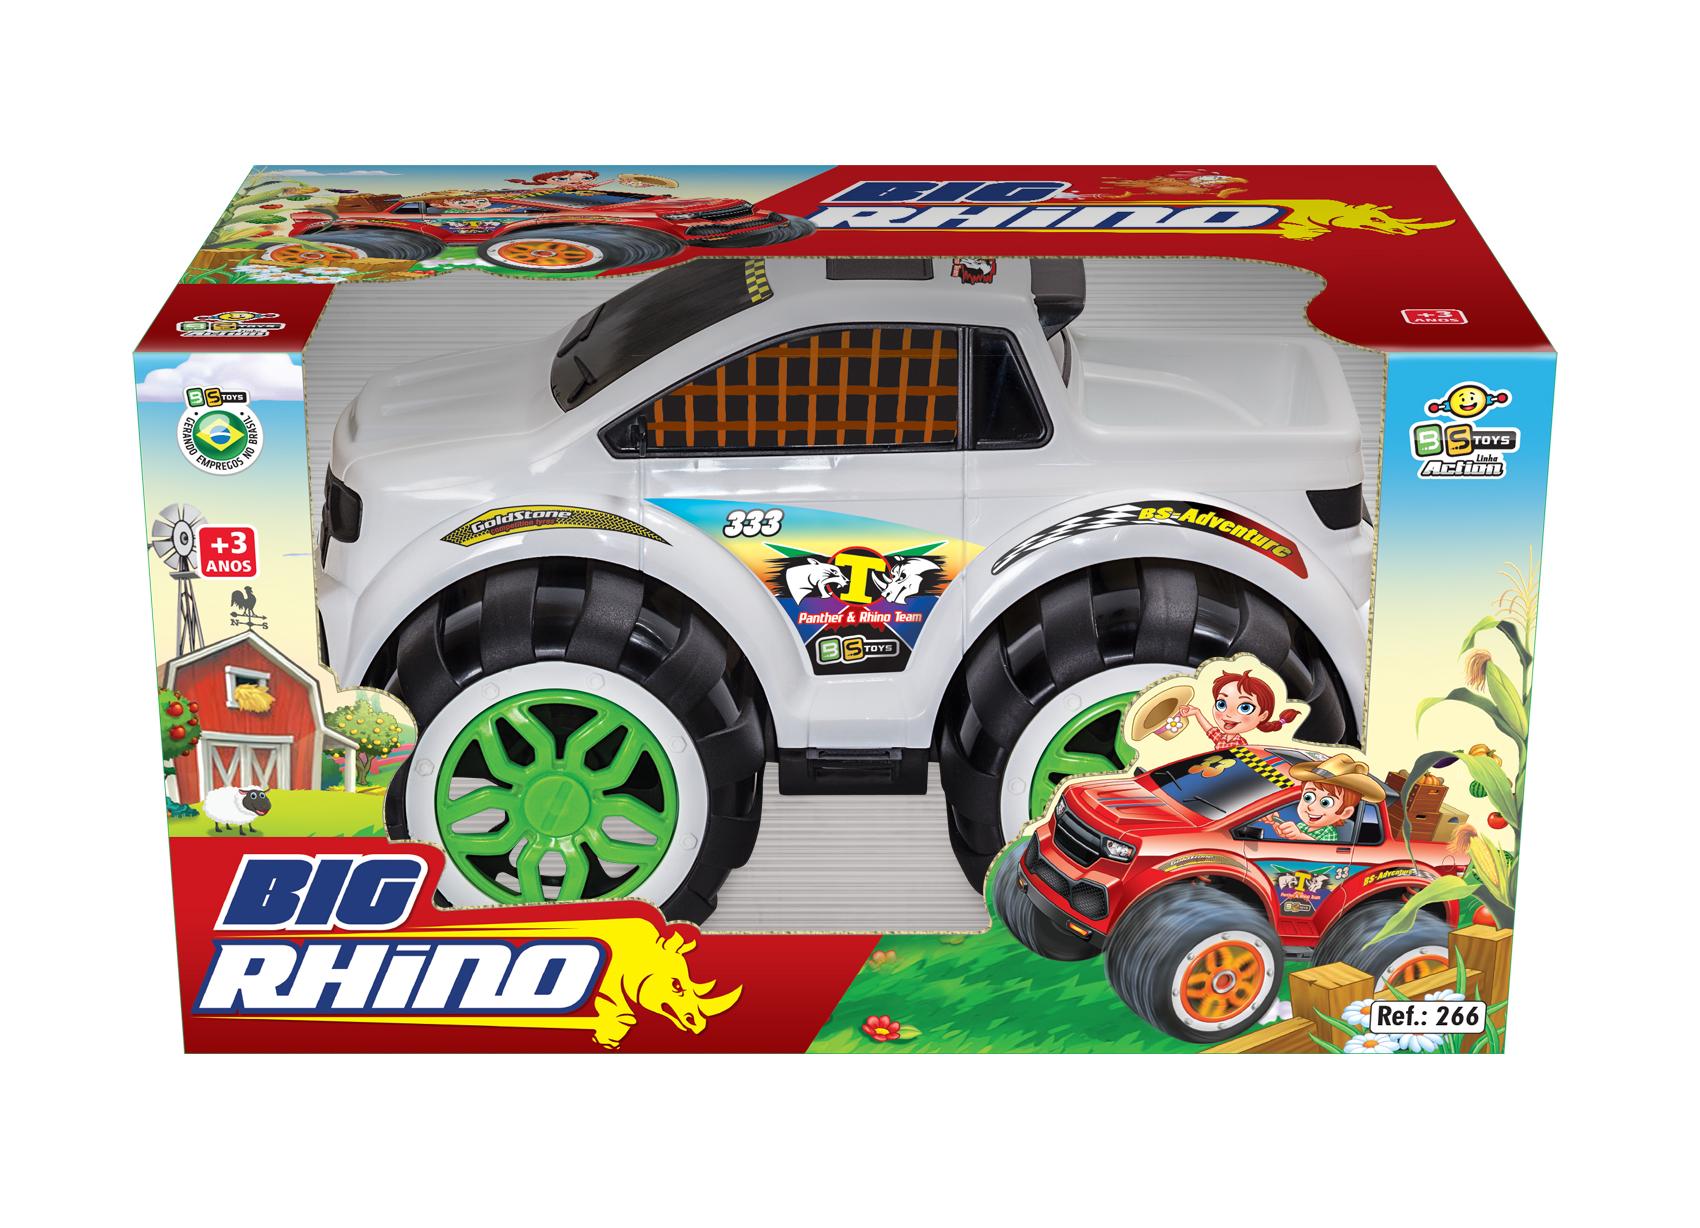 266-big-rhino-caixa